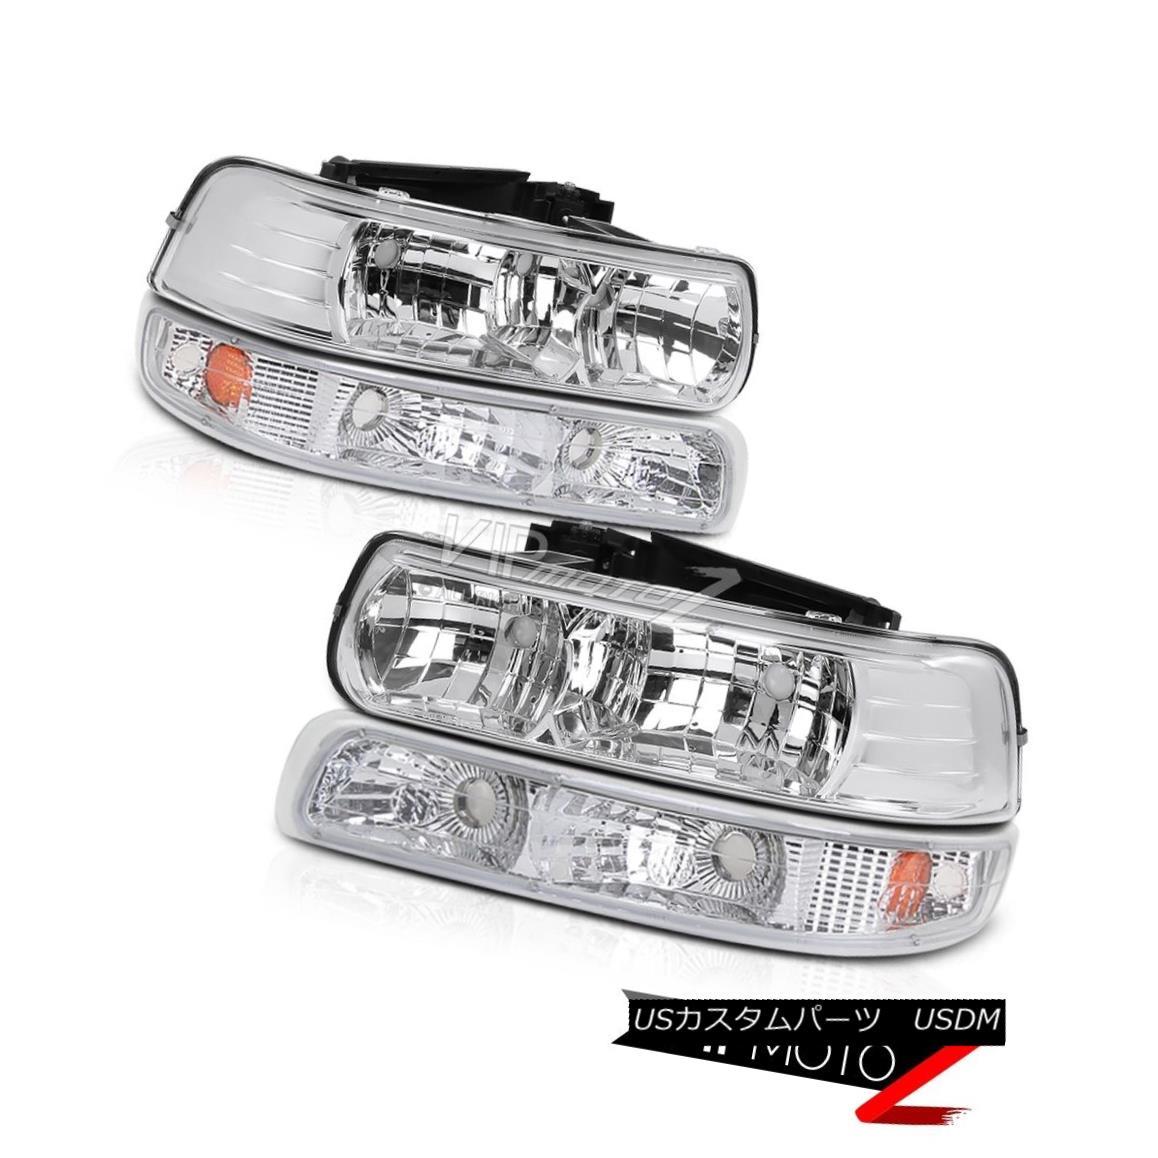 ヘッドライト L+R Clear Headlight+Bumper Parking Lamp w/ Amber Chevy 99-02 Silverado 1500/2500 L + Rクリアヘッドライト+バンプ 駐車ランプ/アンバーシボレー99-02 Silverado 1500/2500